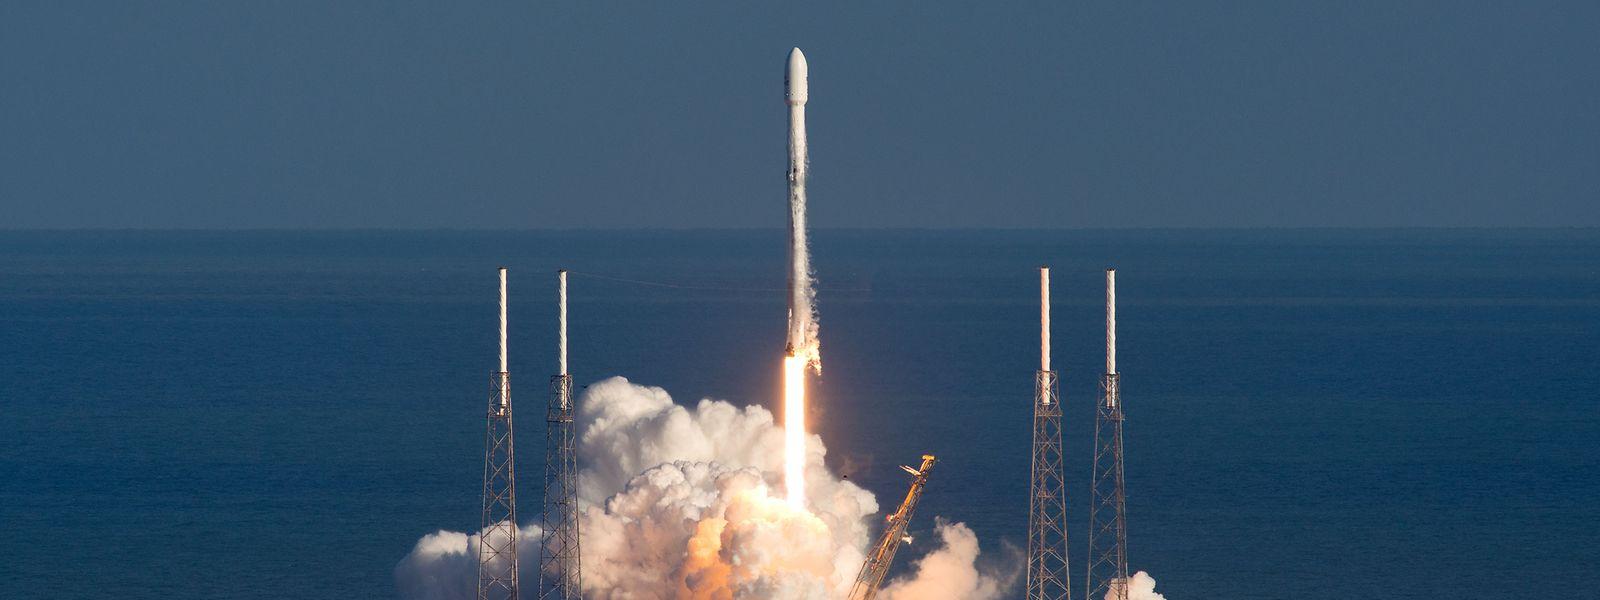 Début 2018, un premier satellite militaire avait été mis sur orbite par la fusée Falcon 9 de la société SpaceX.